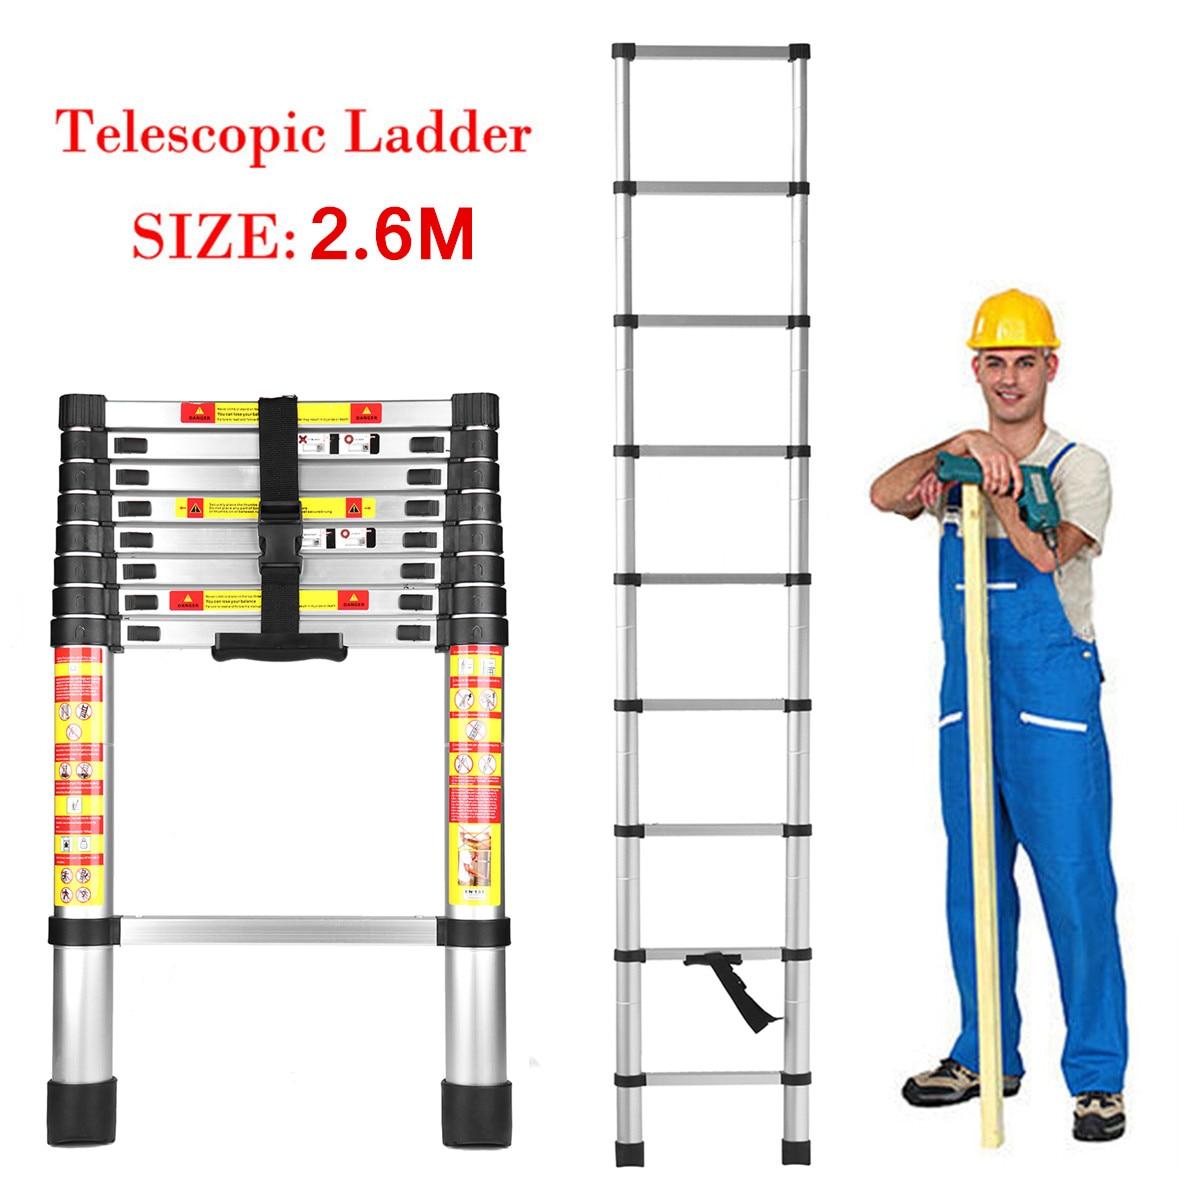 2,6 м 9 шагов складываемый алюминиевый сплав Лестница телескопическая расширение Выдвижная Серебро 150 кг легкий блокировки механизмы Детска...